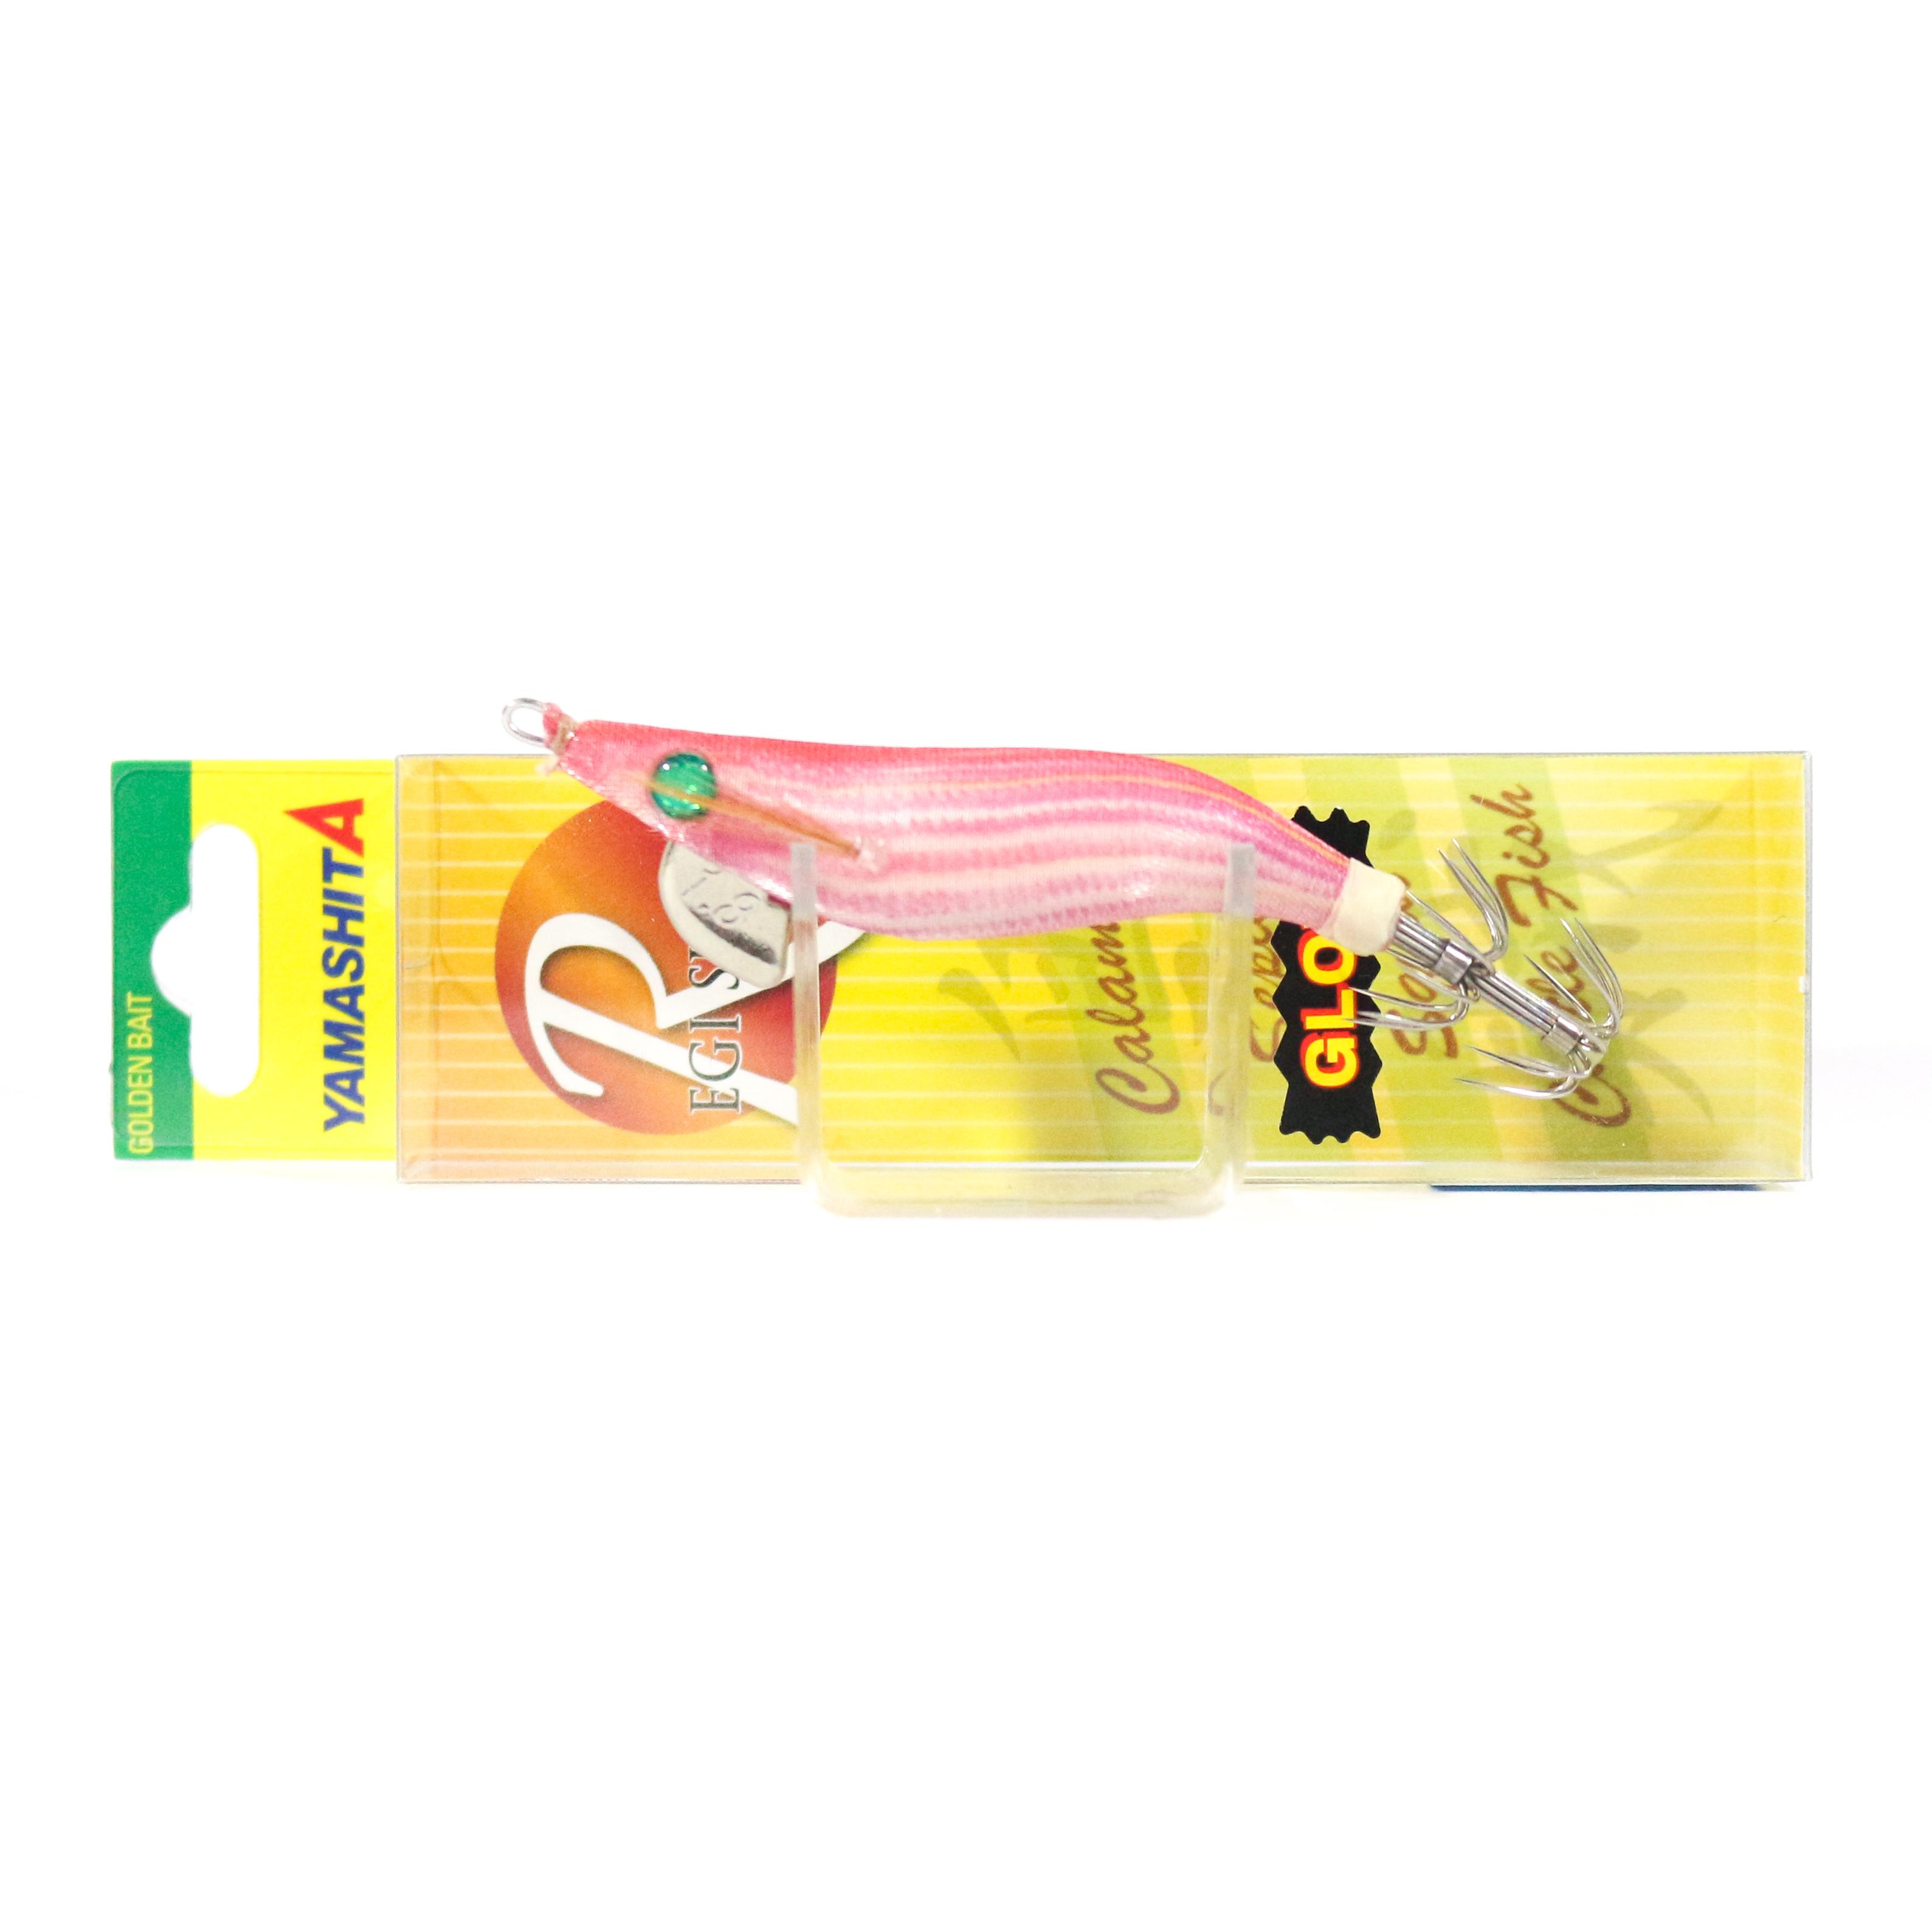 Yamashita Egi Sutte-R Squid Jig 1.8 NC 5 grams 8-9 sec per meter F/NIY (3424)